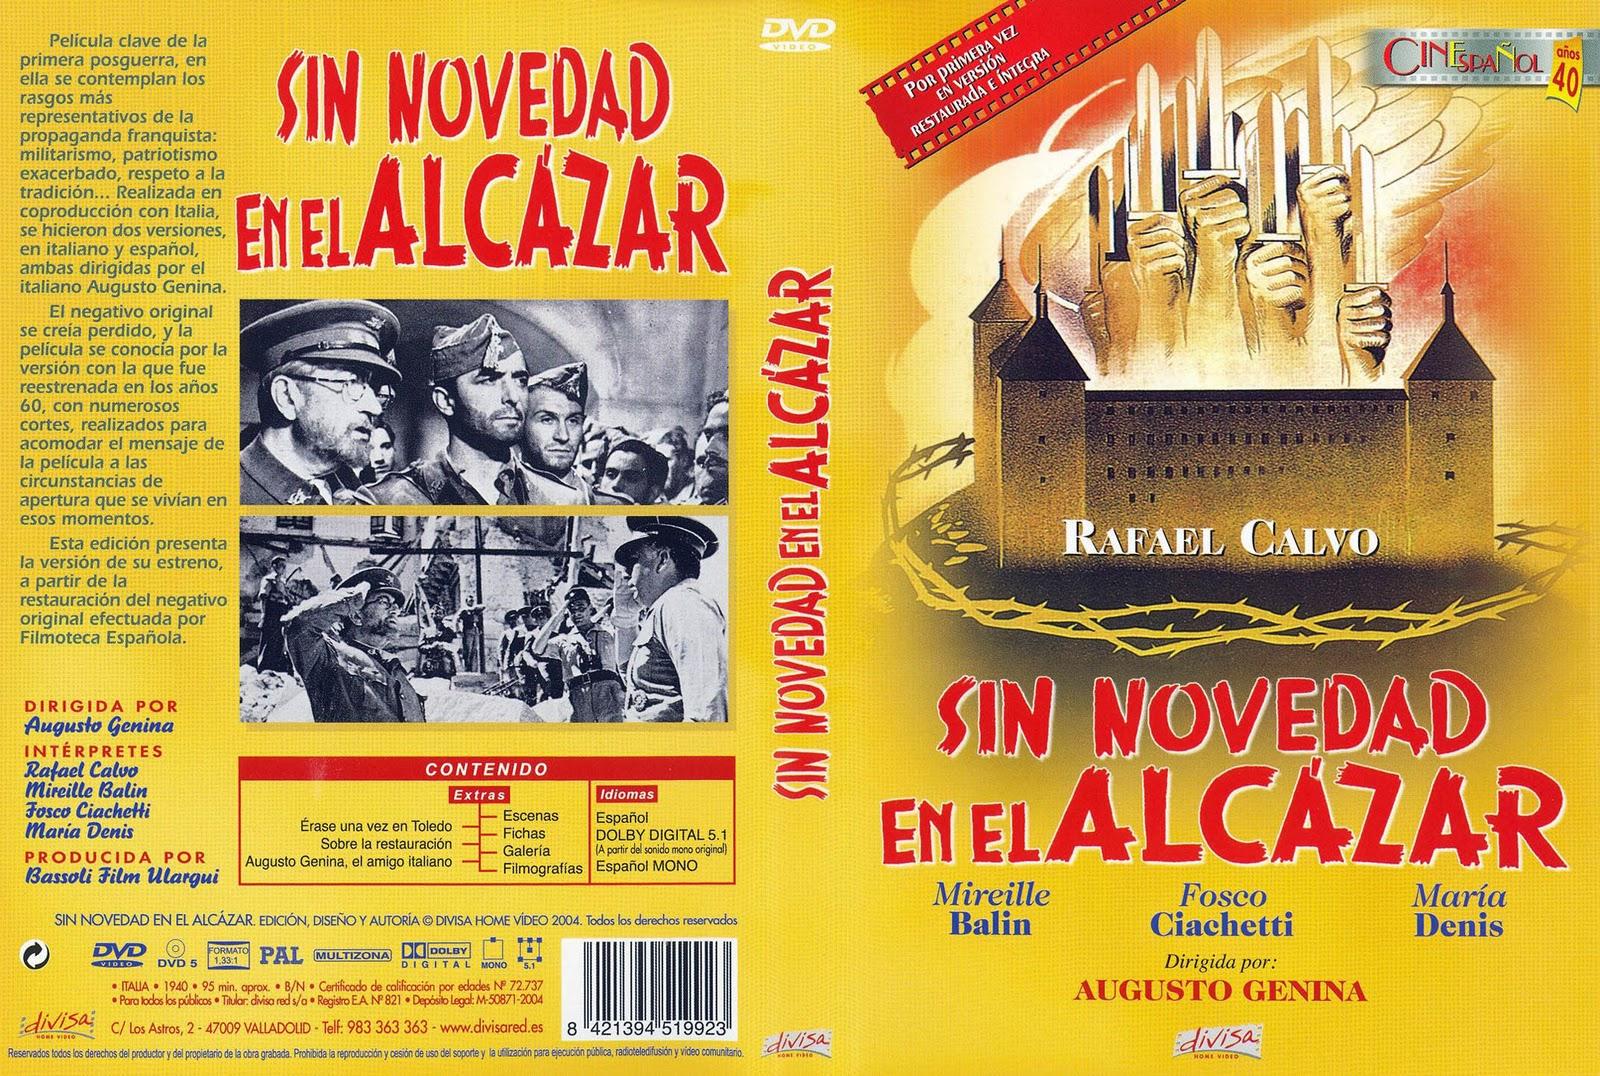 Sin_Novedad_En_El_Alcazar-Caratula.jpg